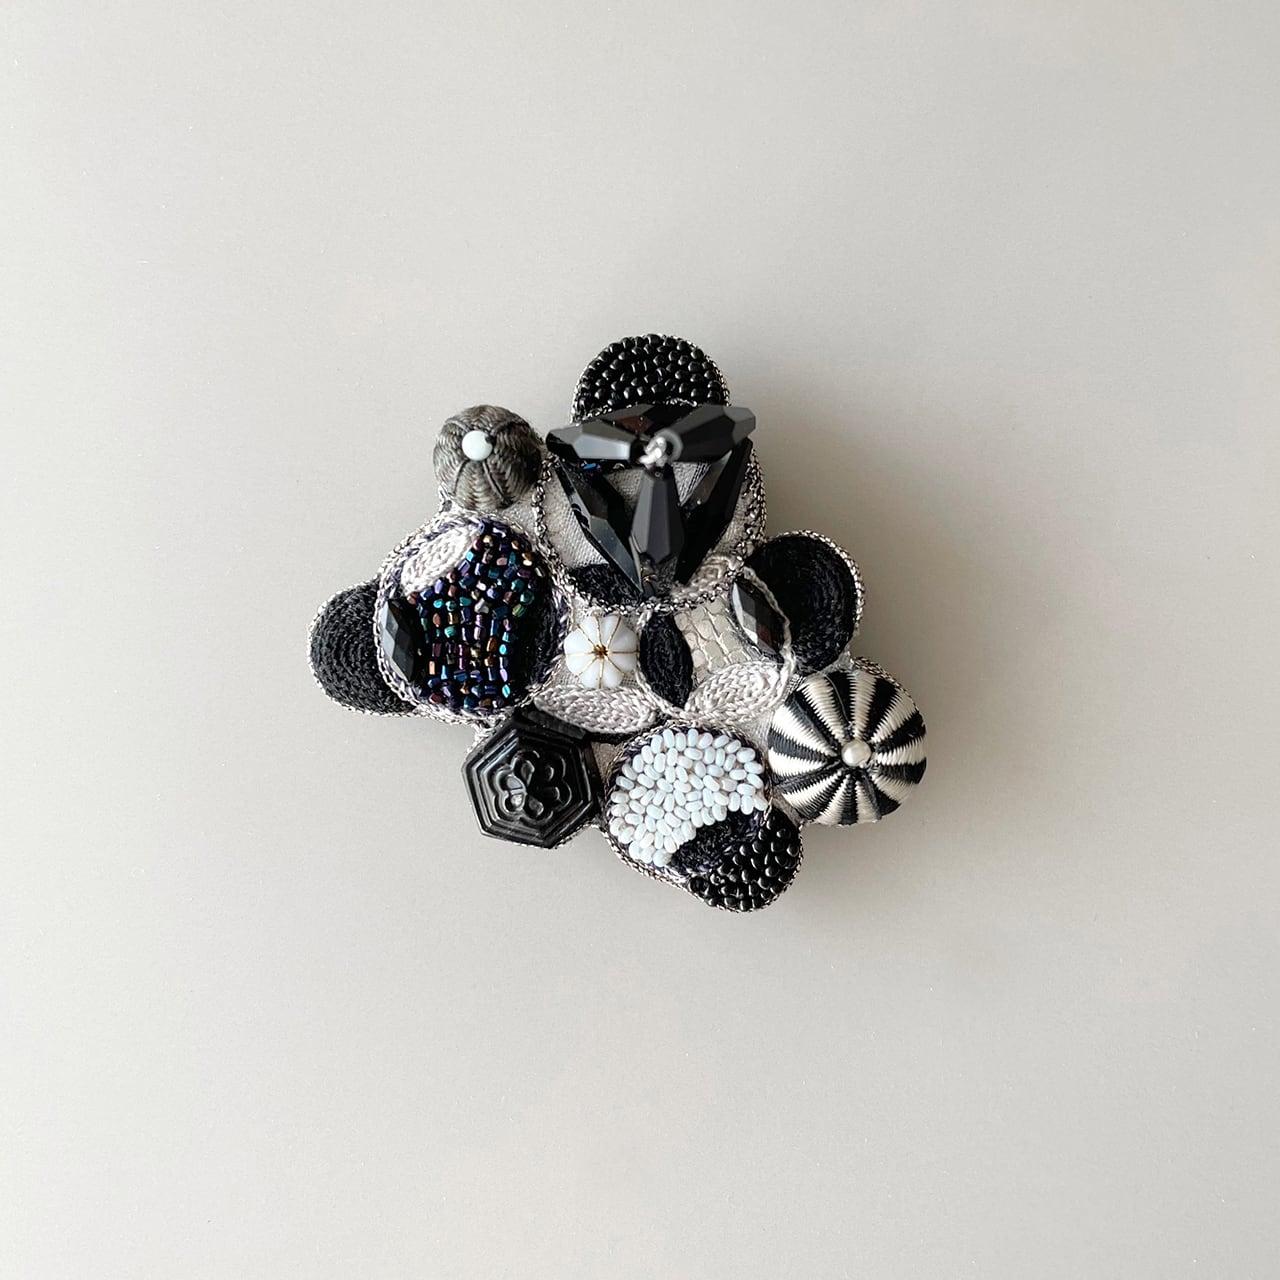 黒い泡のブローチ&ネックトップ